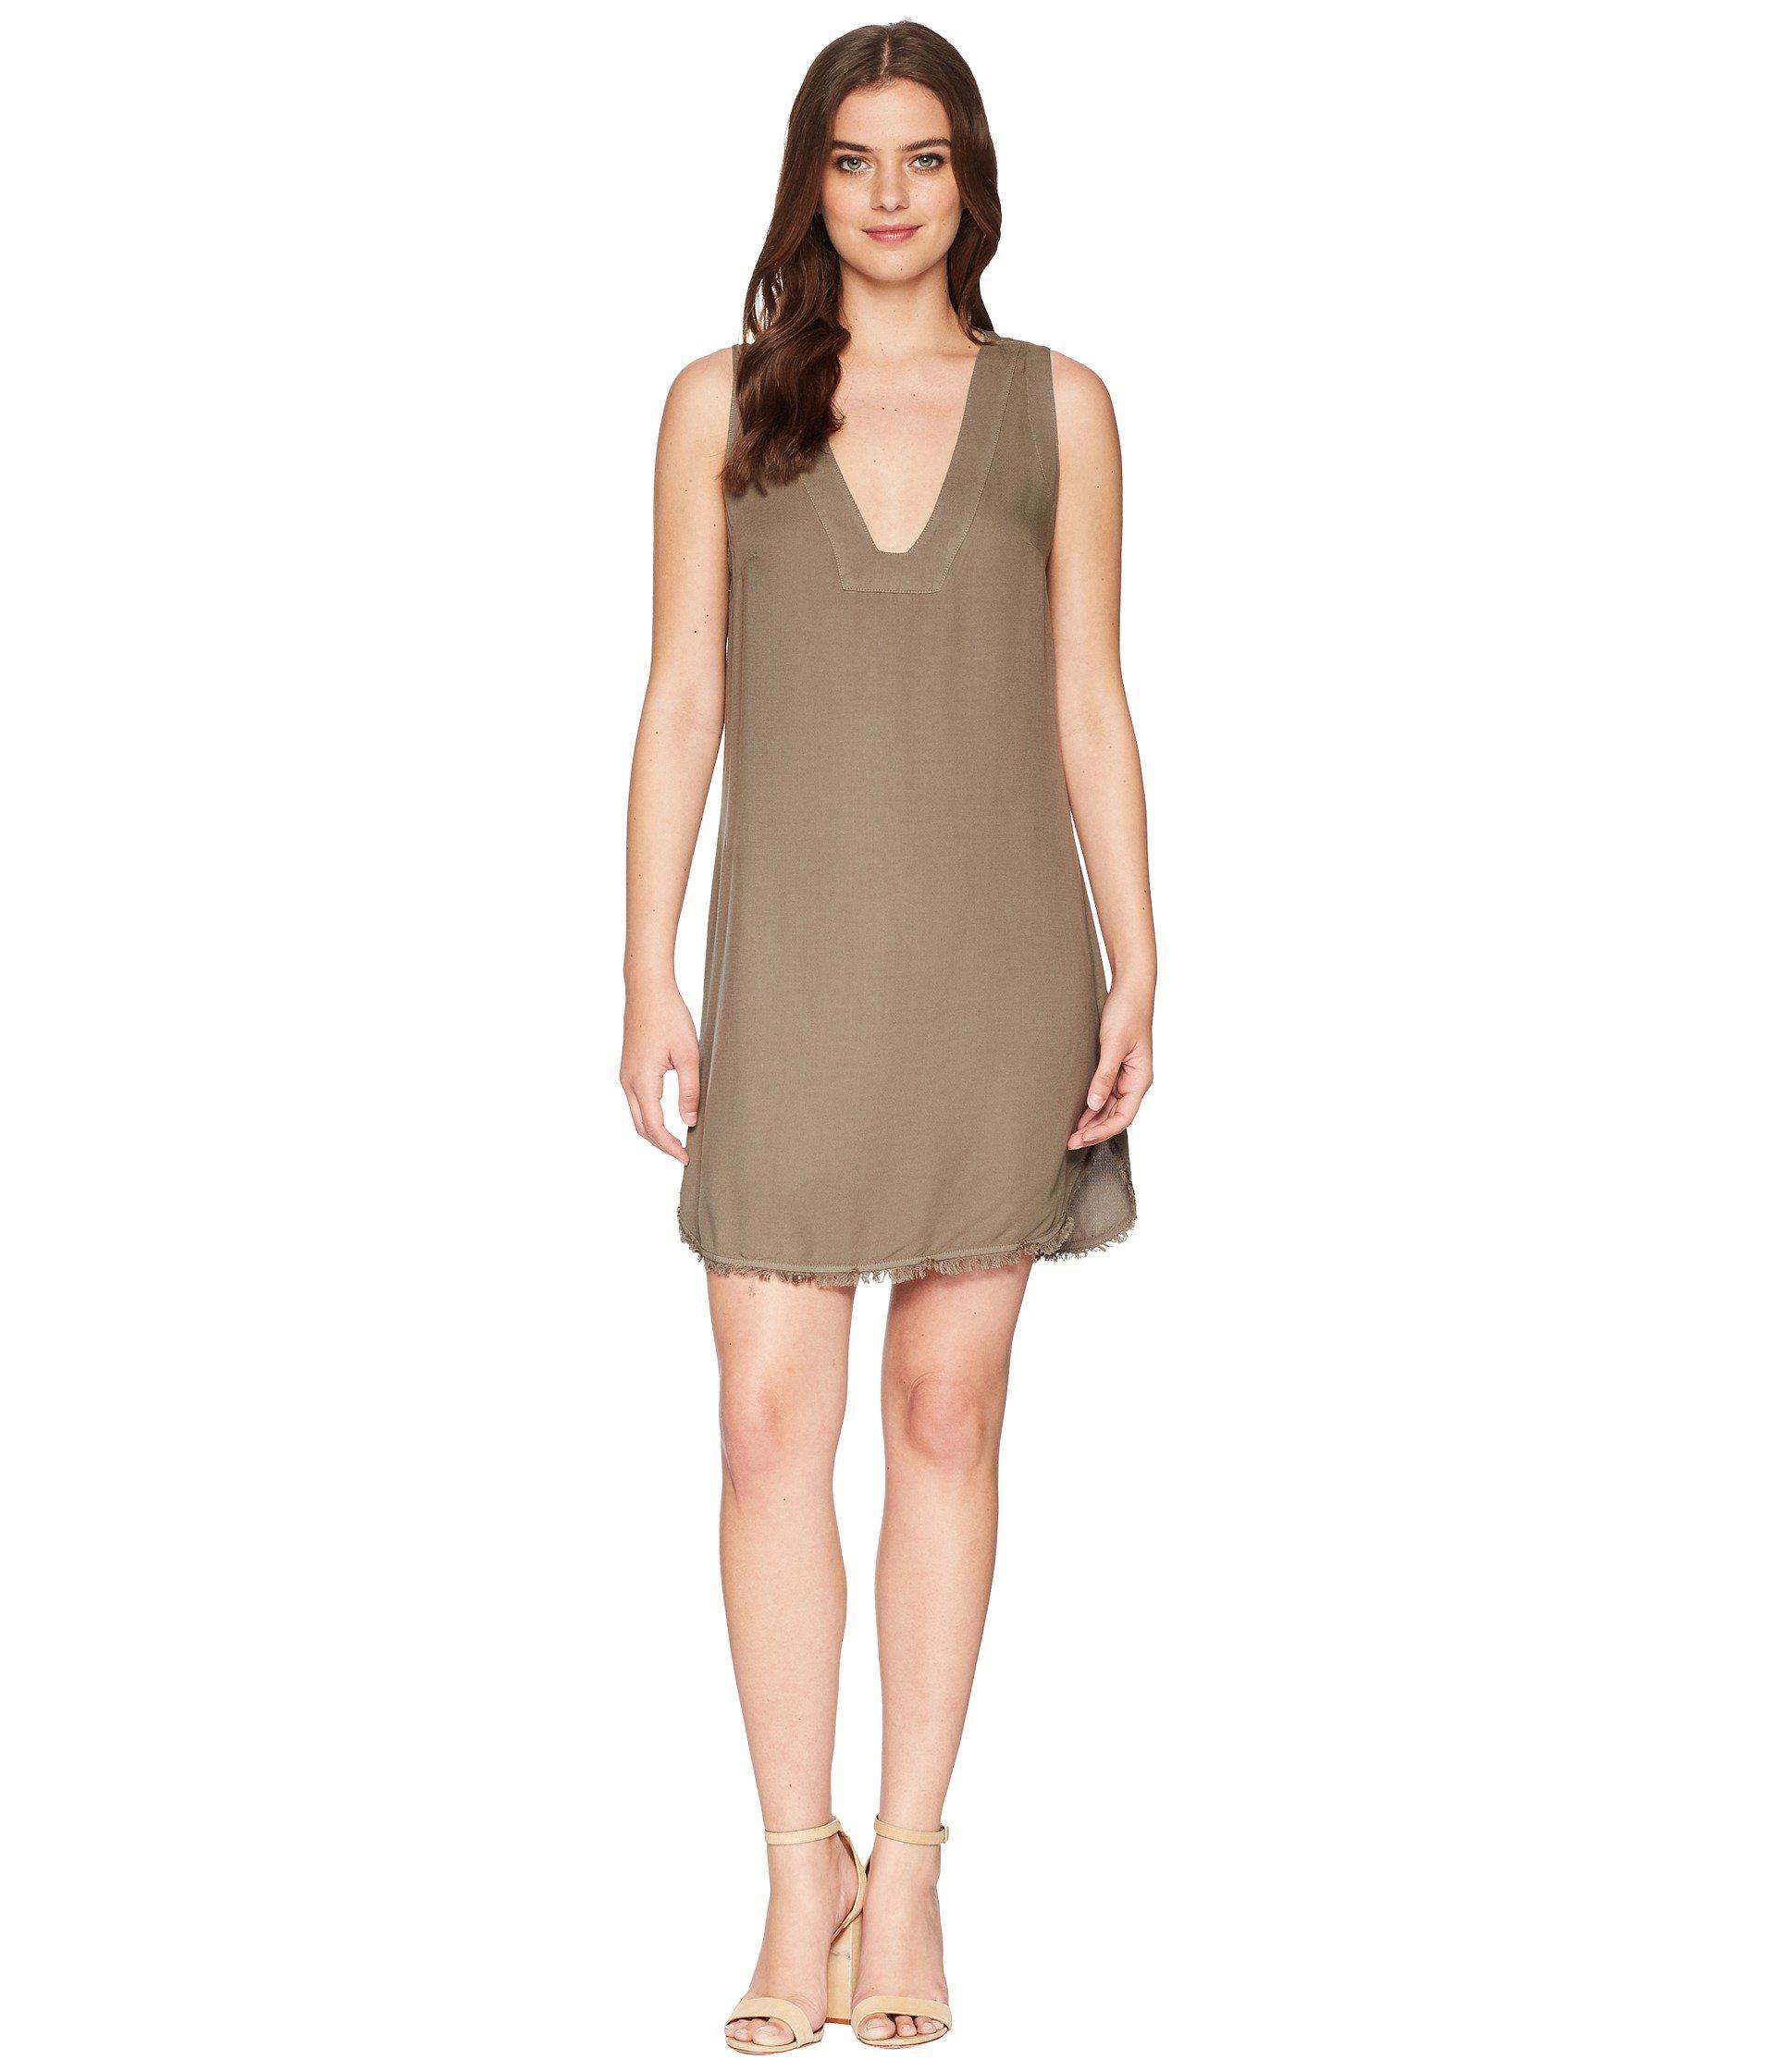 Splendid Woman Frayed Textured-jersey Mini Dress Army Green Size L Splendid 226BUI96